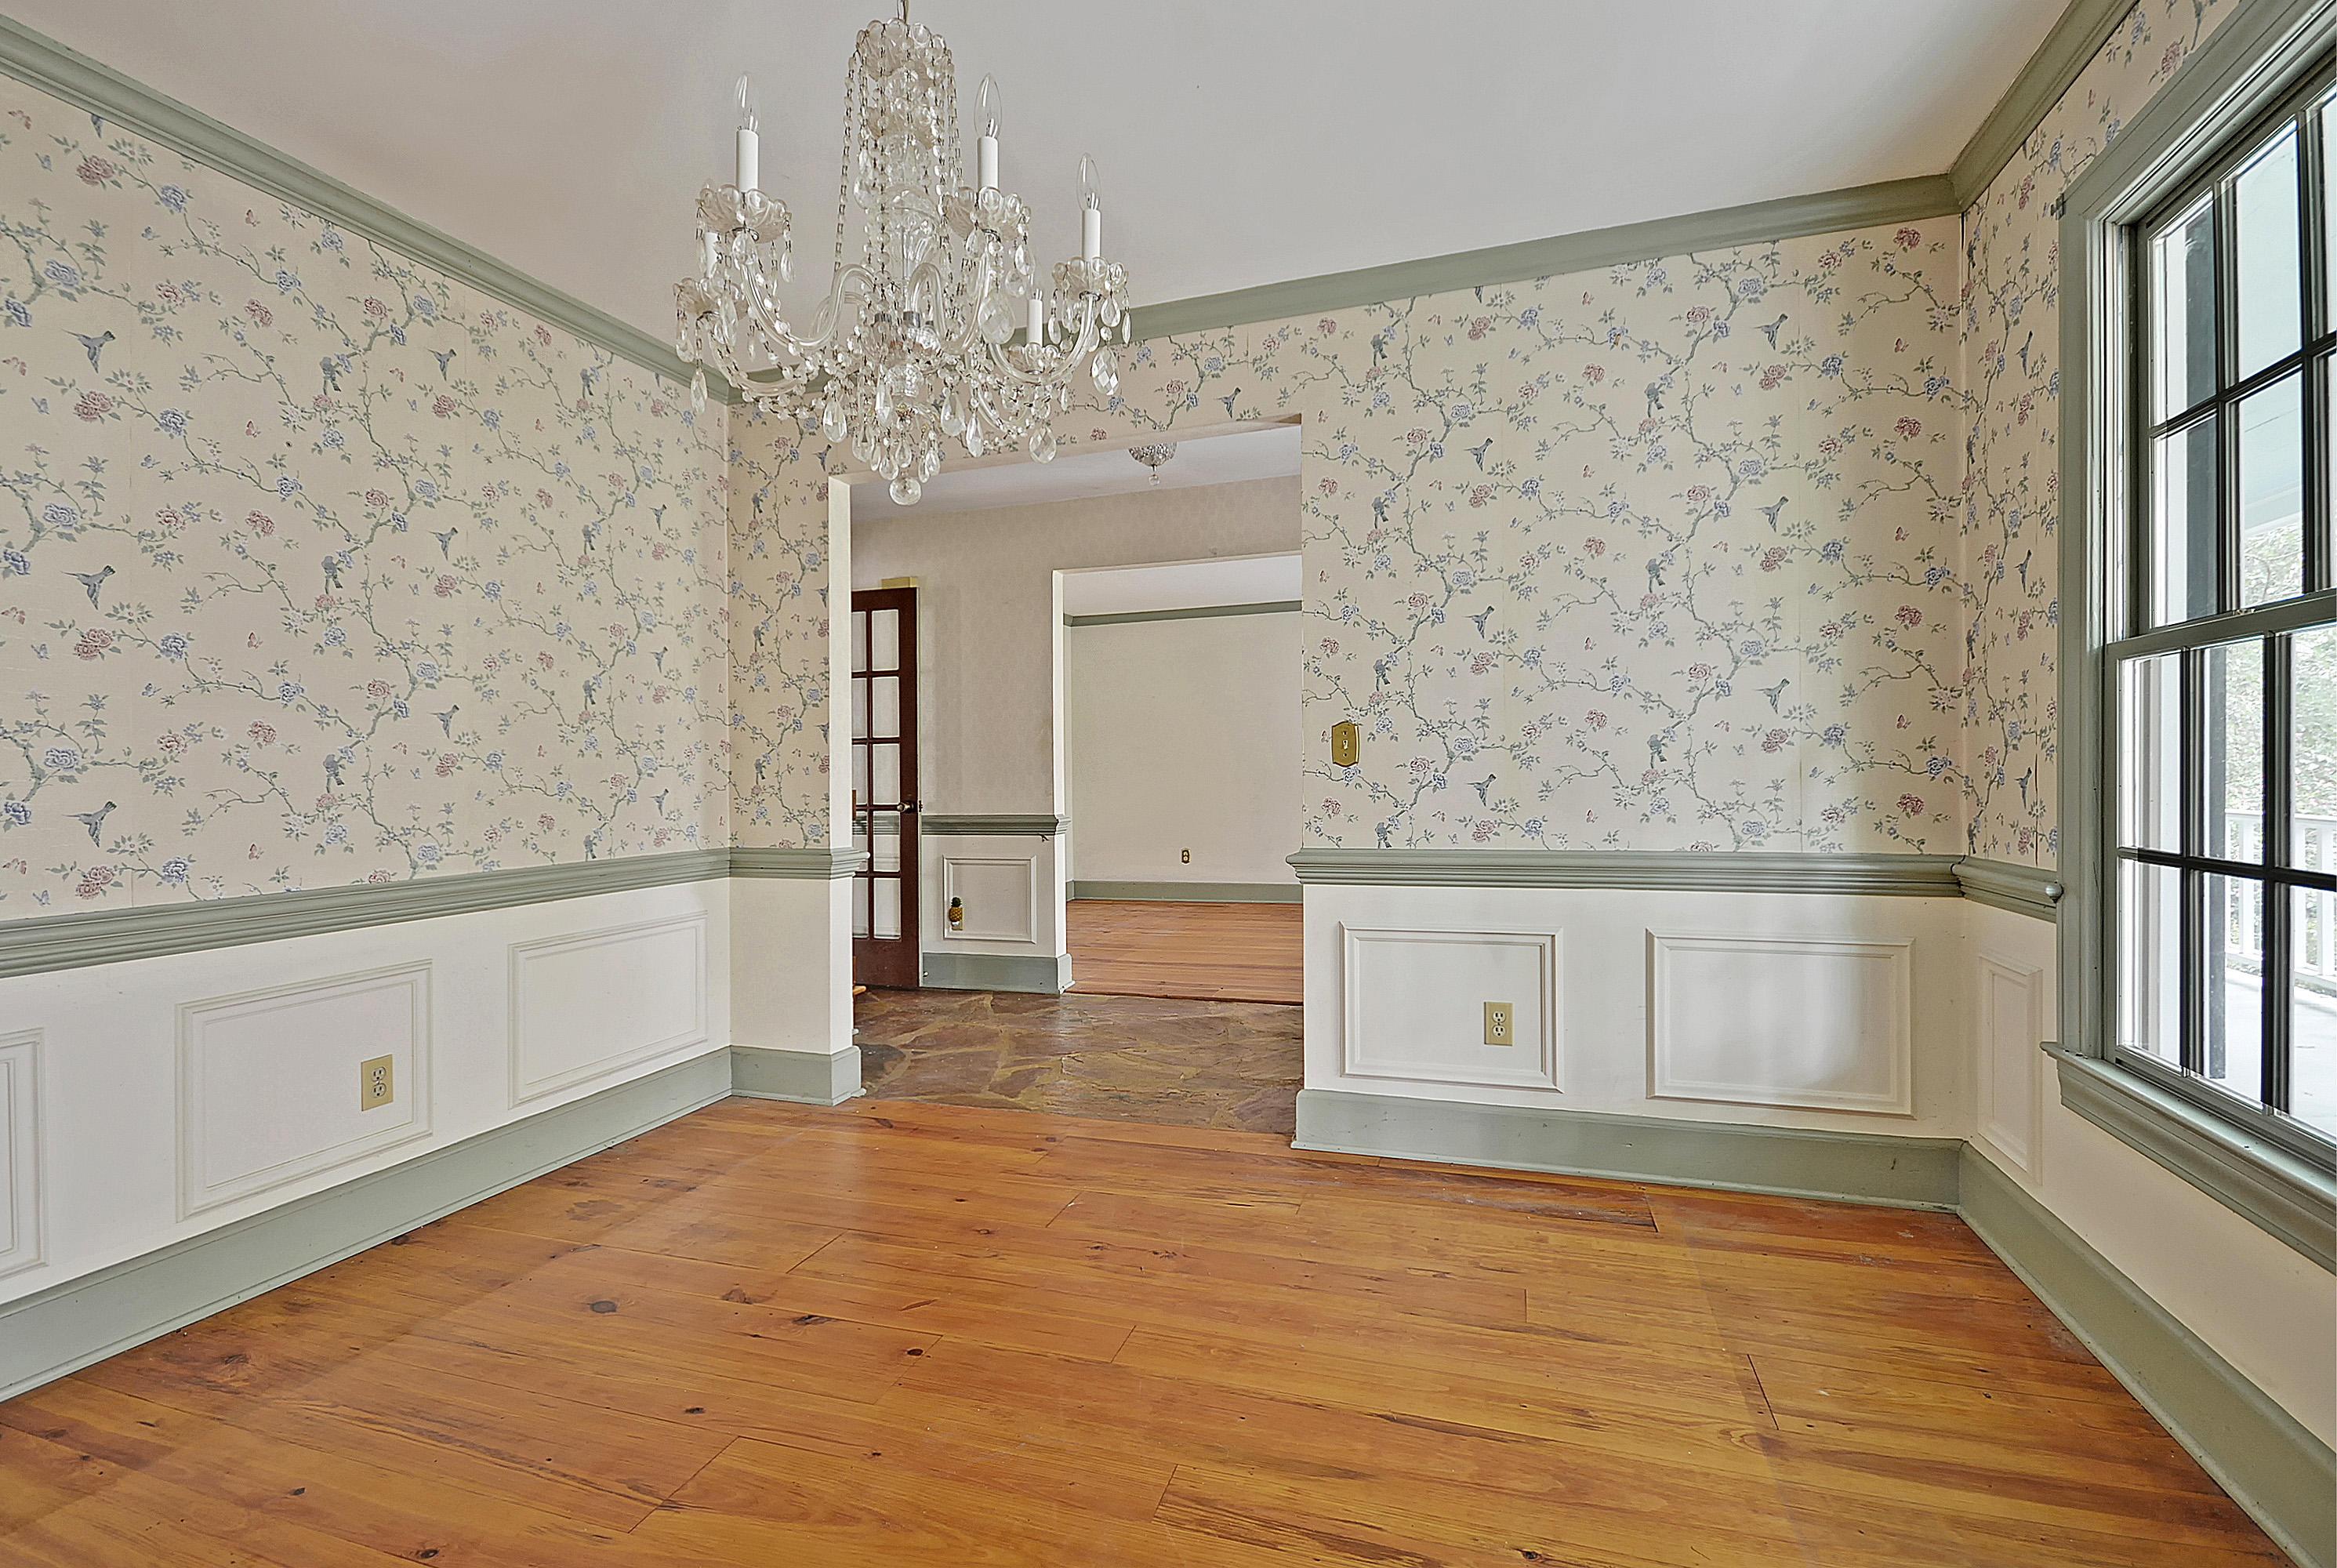 Pine Forest Inn Homes For Sale - 98 President, Summerville, SC - 21